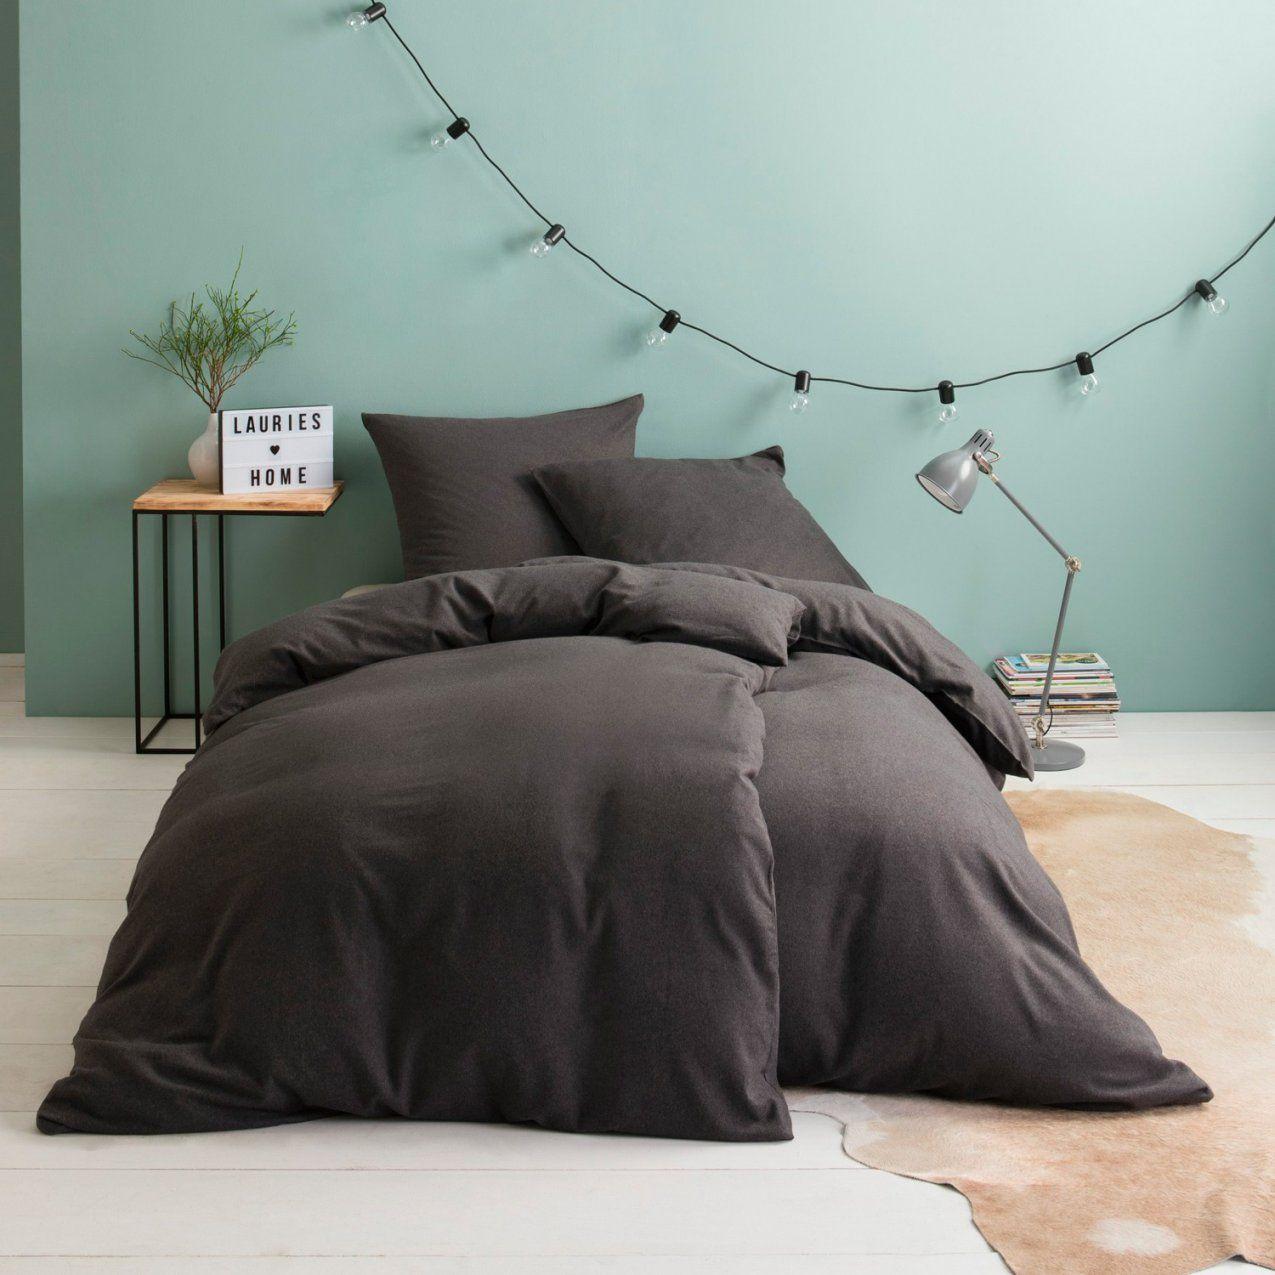 Raffiniert Hochwertige Bettwäsche Reduziert  Bettwäsche Ideen von Bettwäsche Hochwertig Reduziert Bild